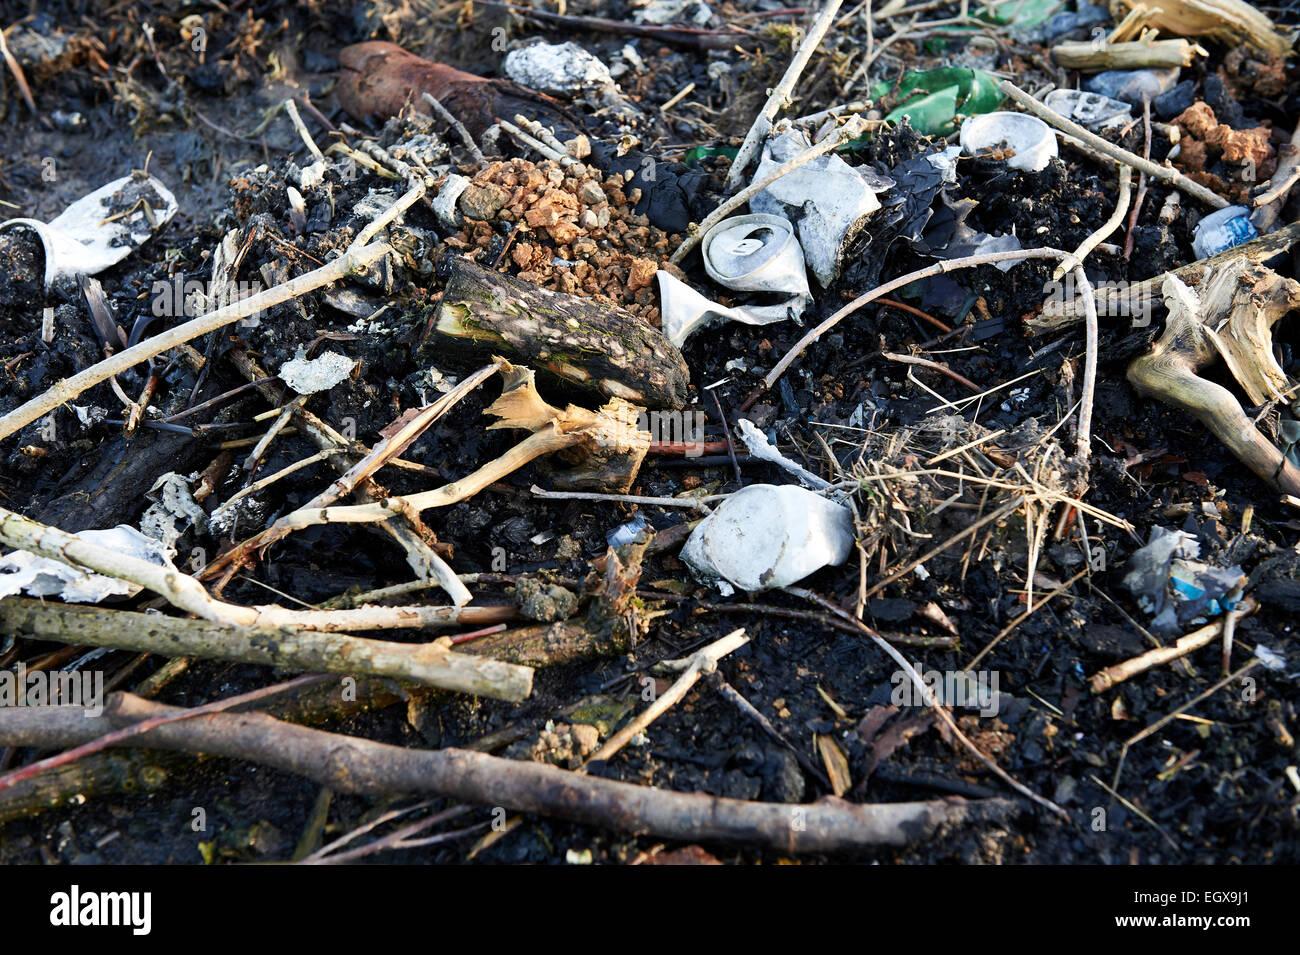 Les déchets brûlés à pointe de la mouche sur les terres agricoles. Photo Stock